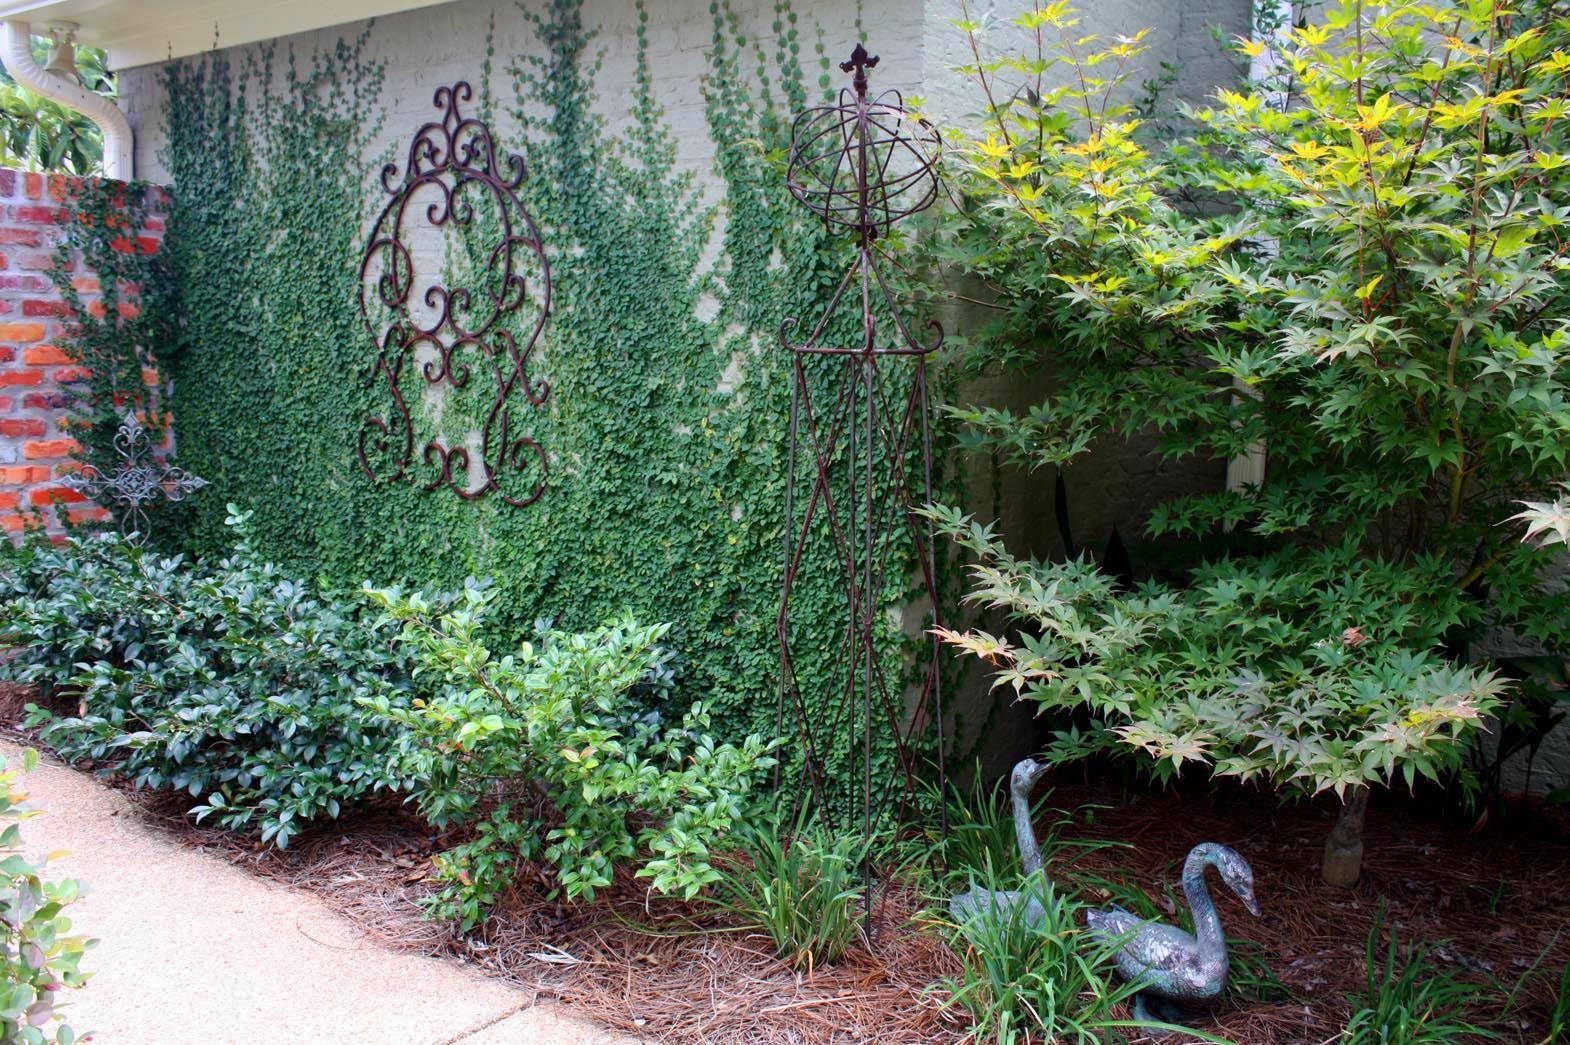 2b010ccf71729d65106adeeba390d266 - How To Get A Vine To Grow Up A Wall